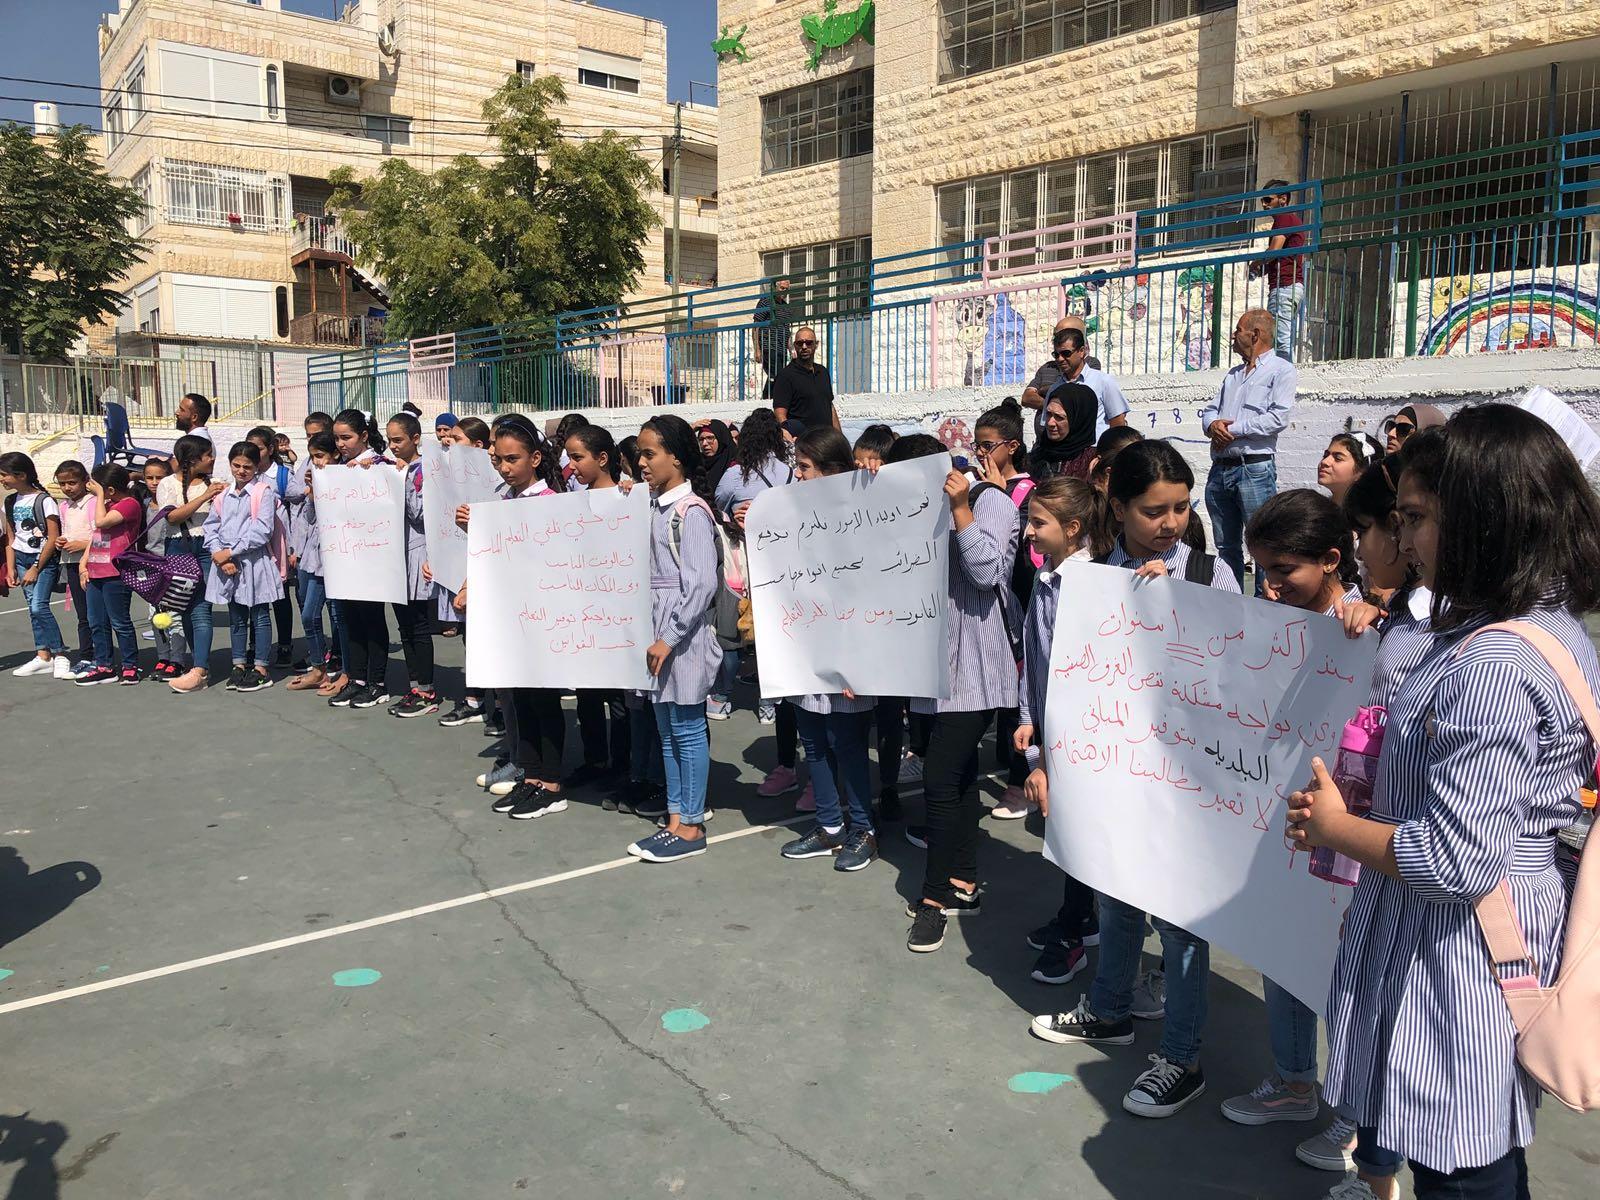 العيساوية: احتجاج على النقص بالغرف الصفية ورفضا للمنهج الإسرائيلي